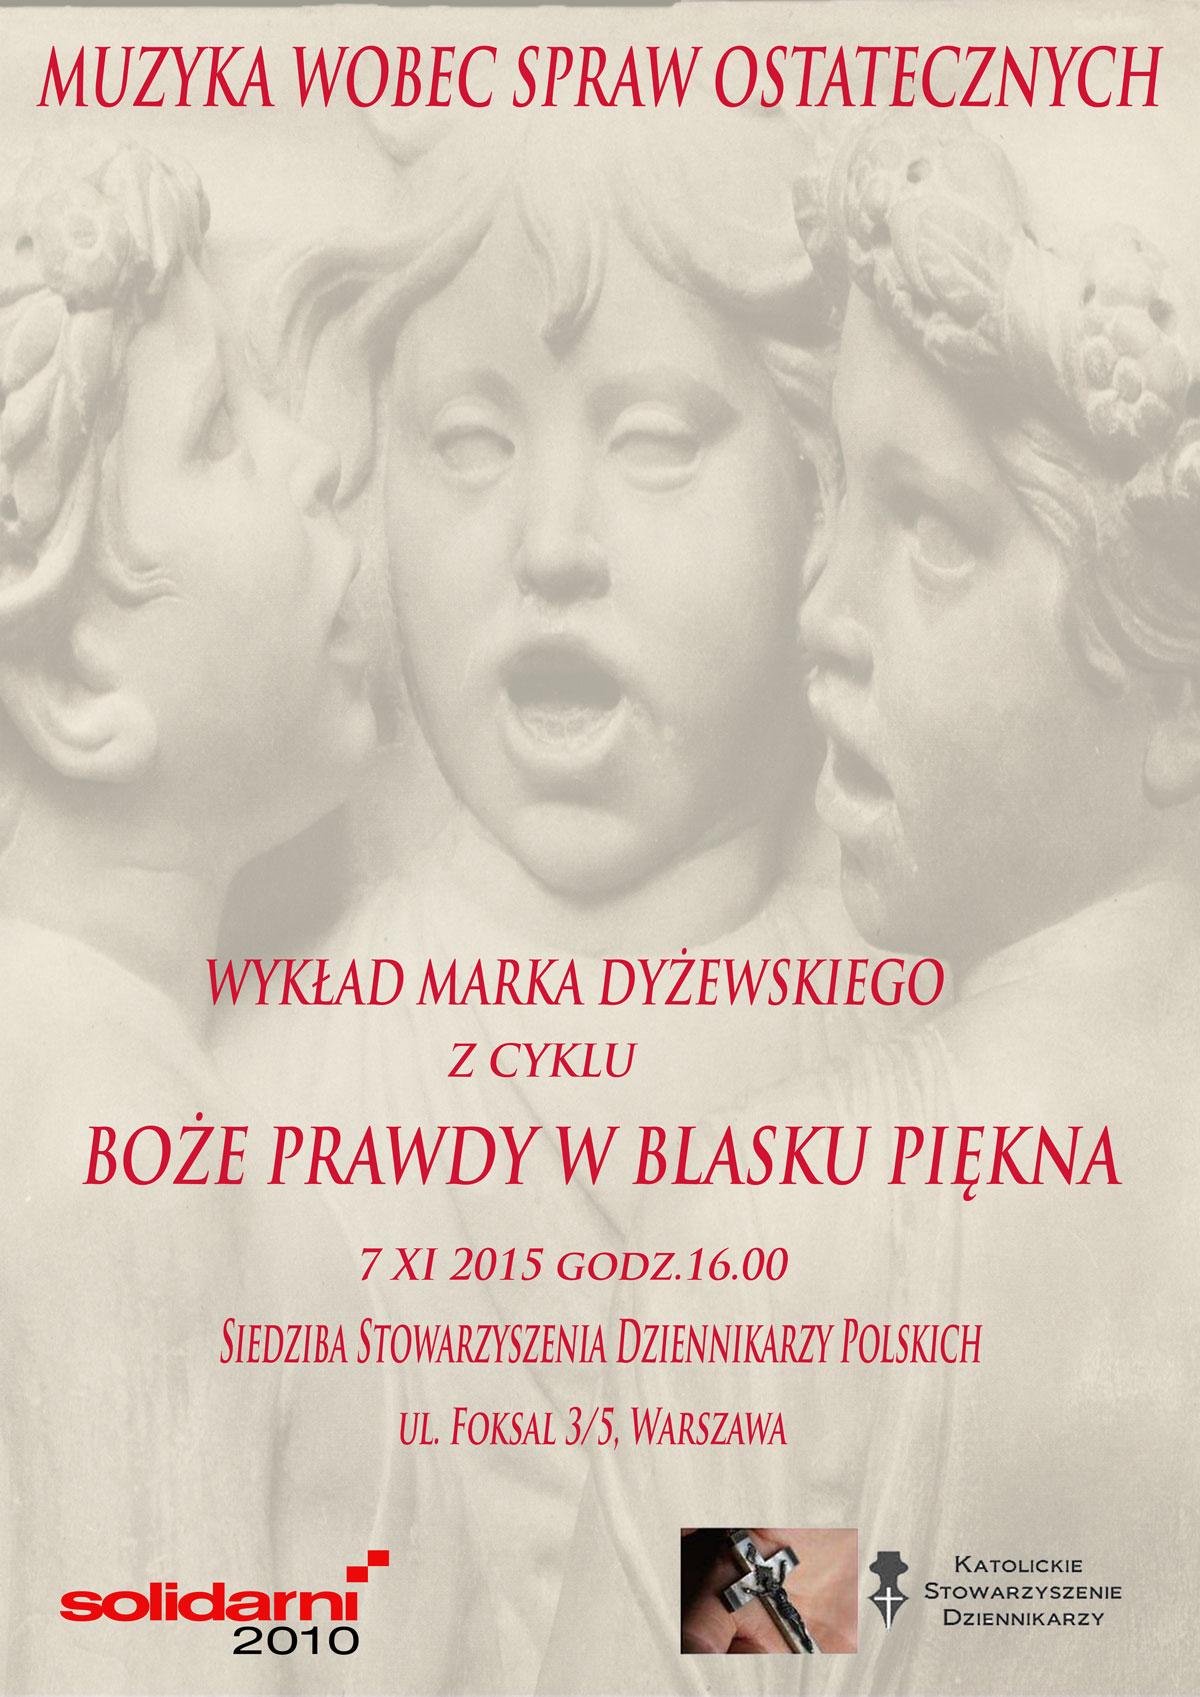 MUZYKA_WOBEC_SPRAW_OSTATECZNYCH